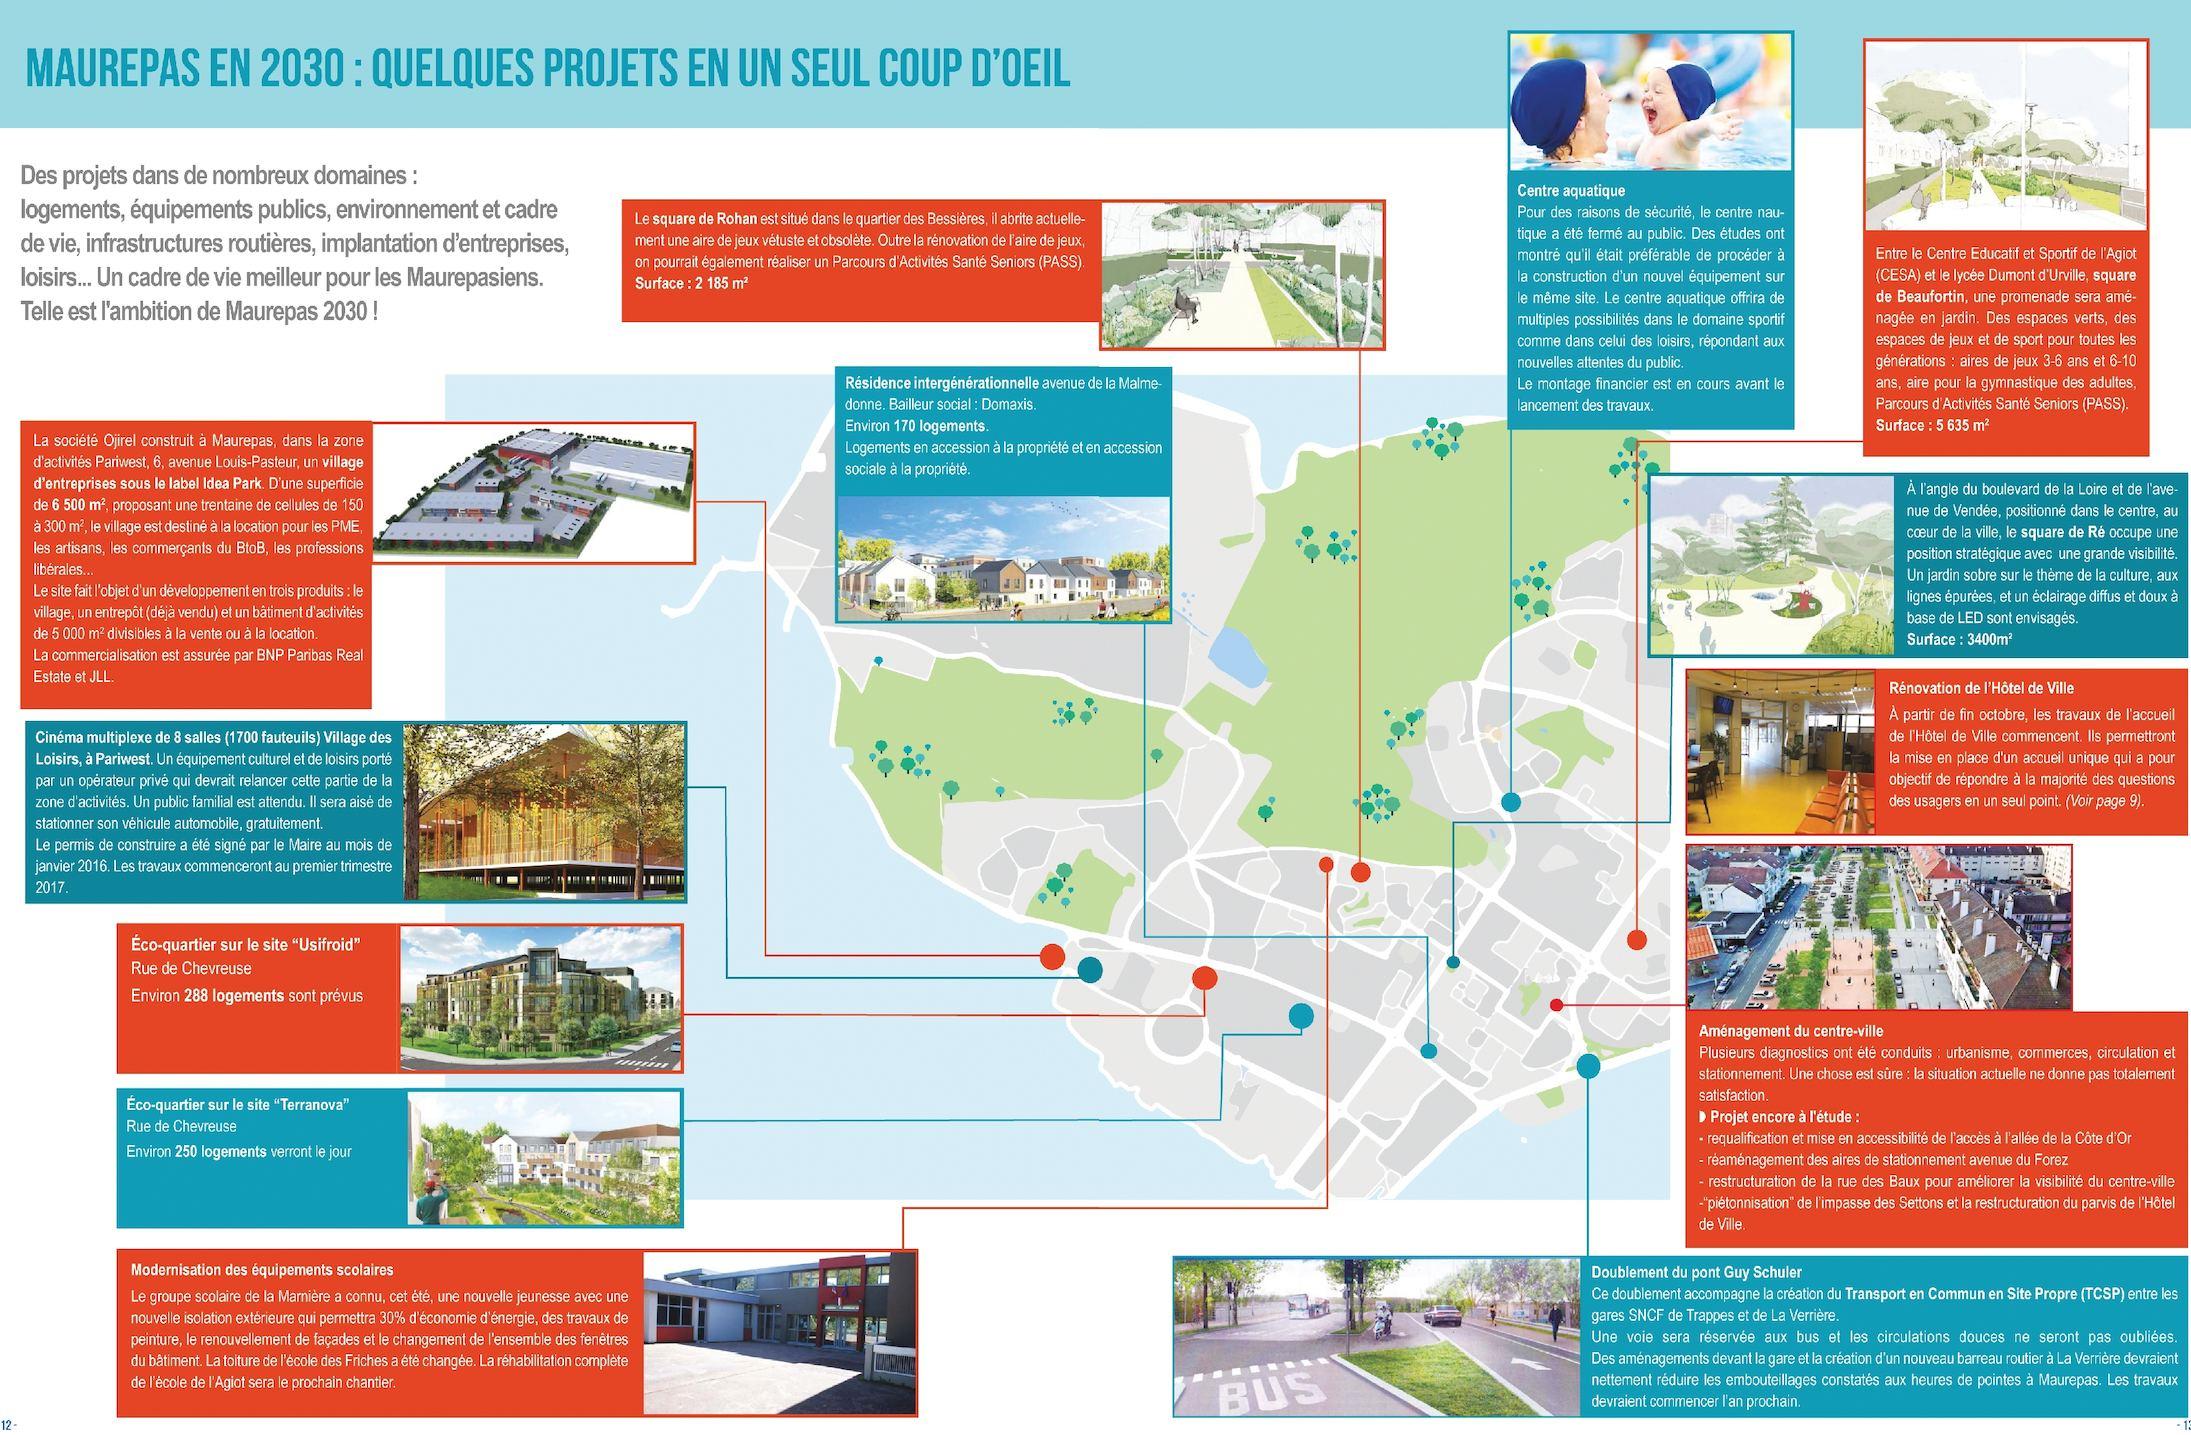 Calaméo - Les Grands Projets Maurepas 2030 encequiconcerne Jeux Educatif Gratuit 6 Ans